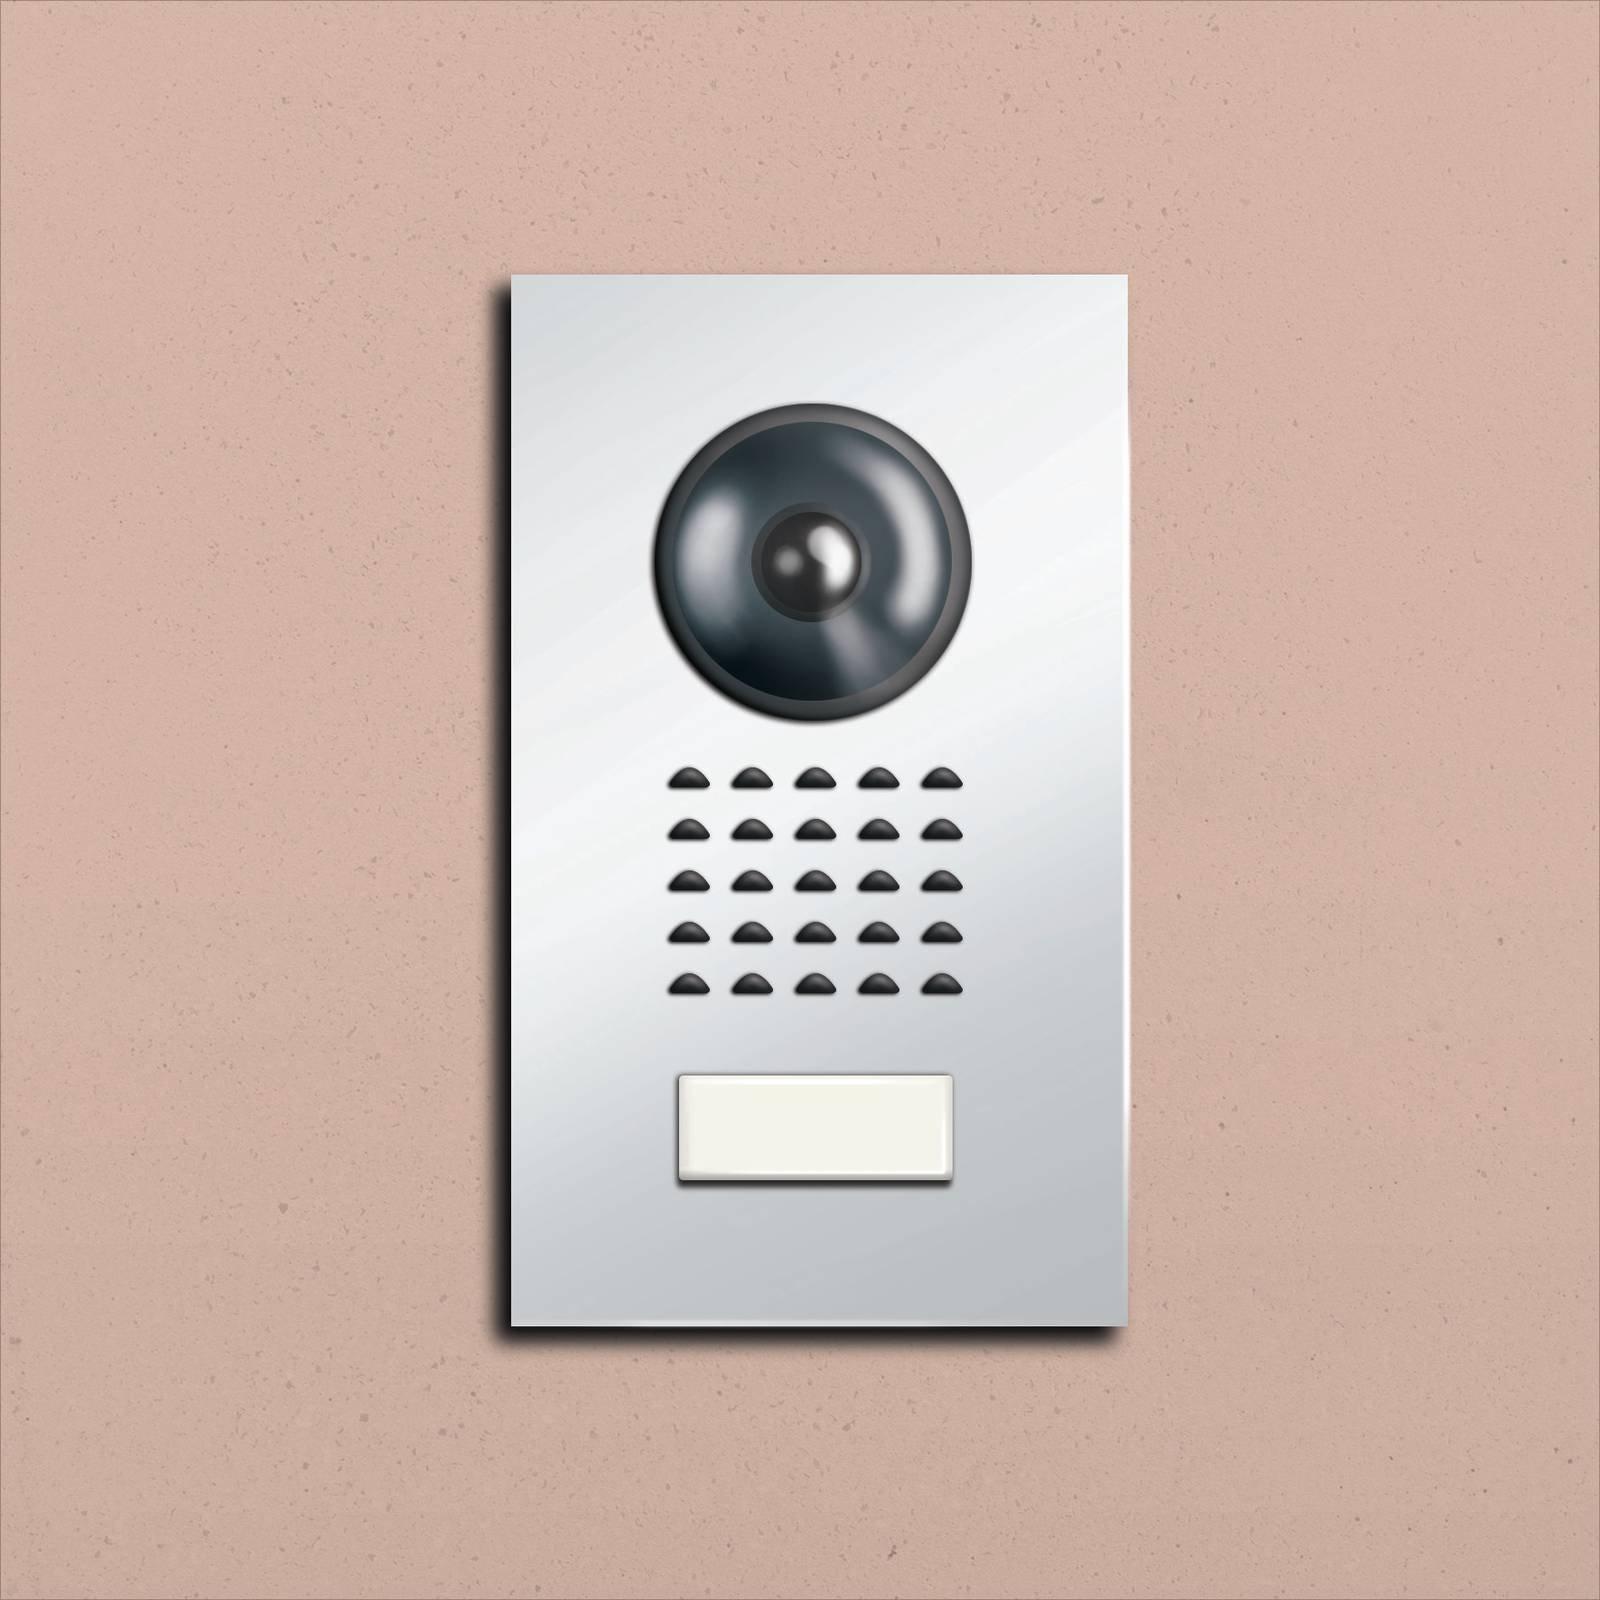 Schema Elettrico Citofono Bticino : Installare il videocitofono da soli guarda anche il videotutorial